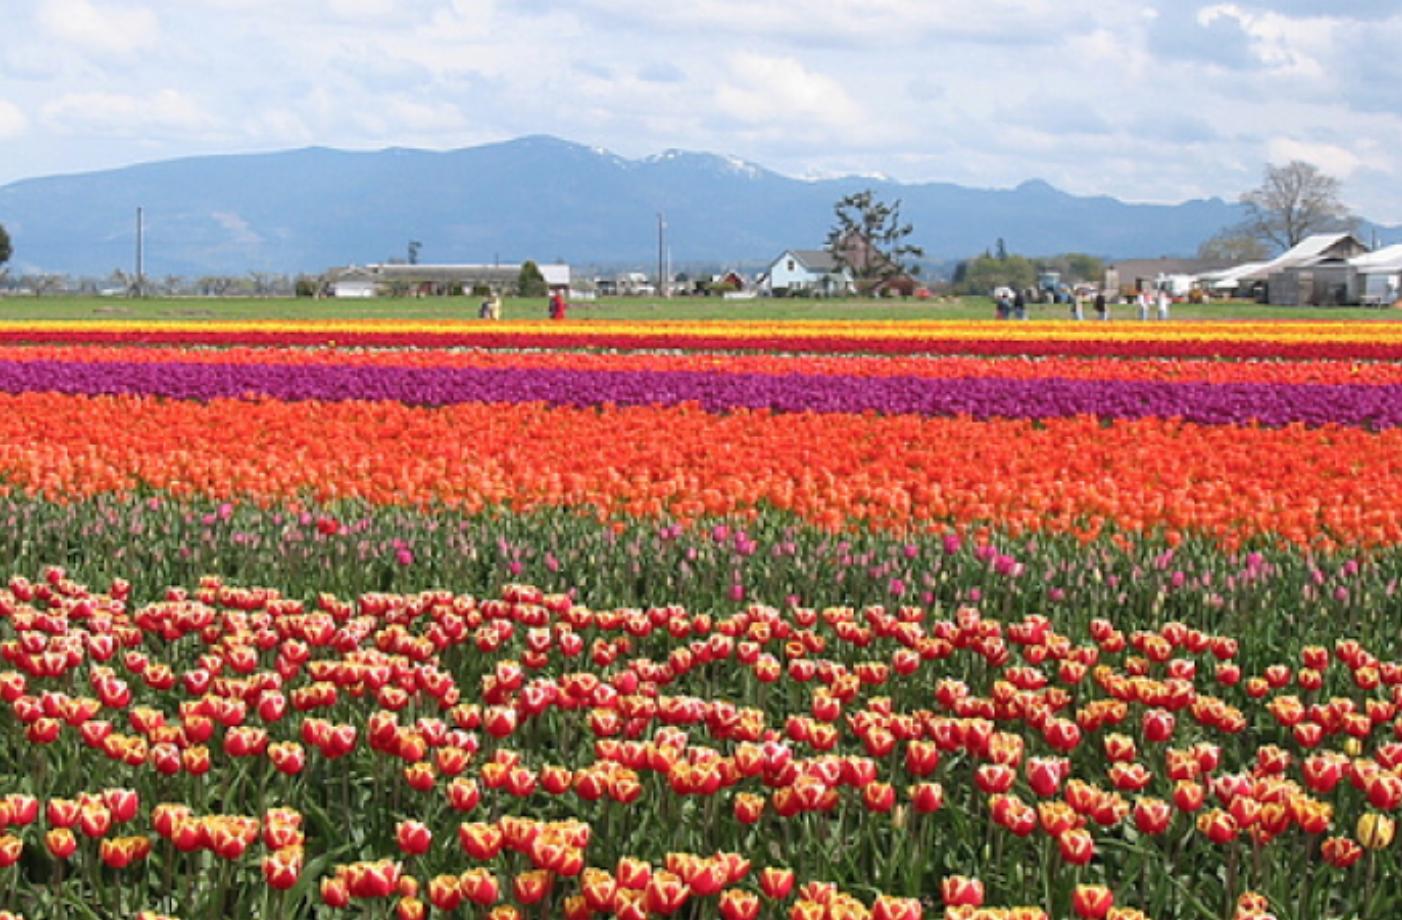 Field of tulip flowers.